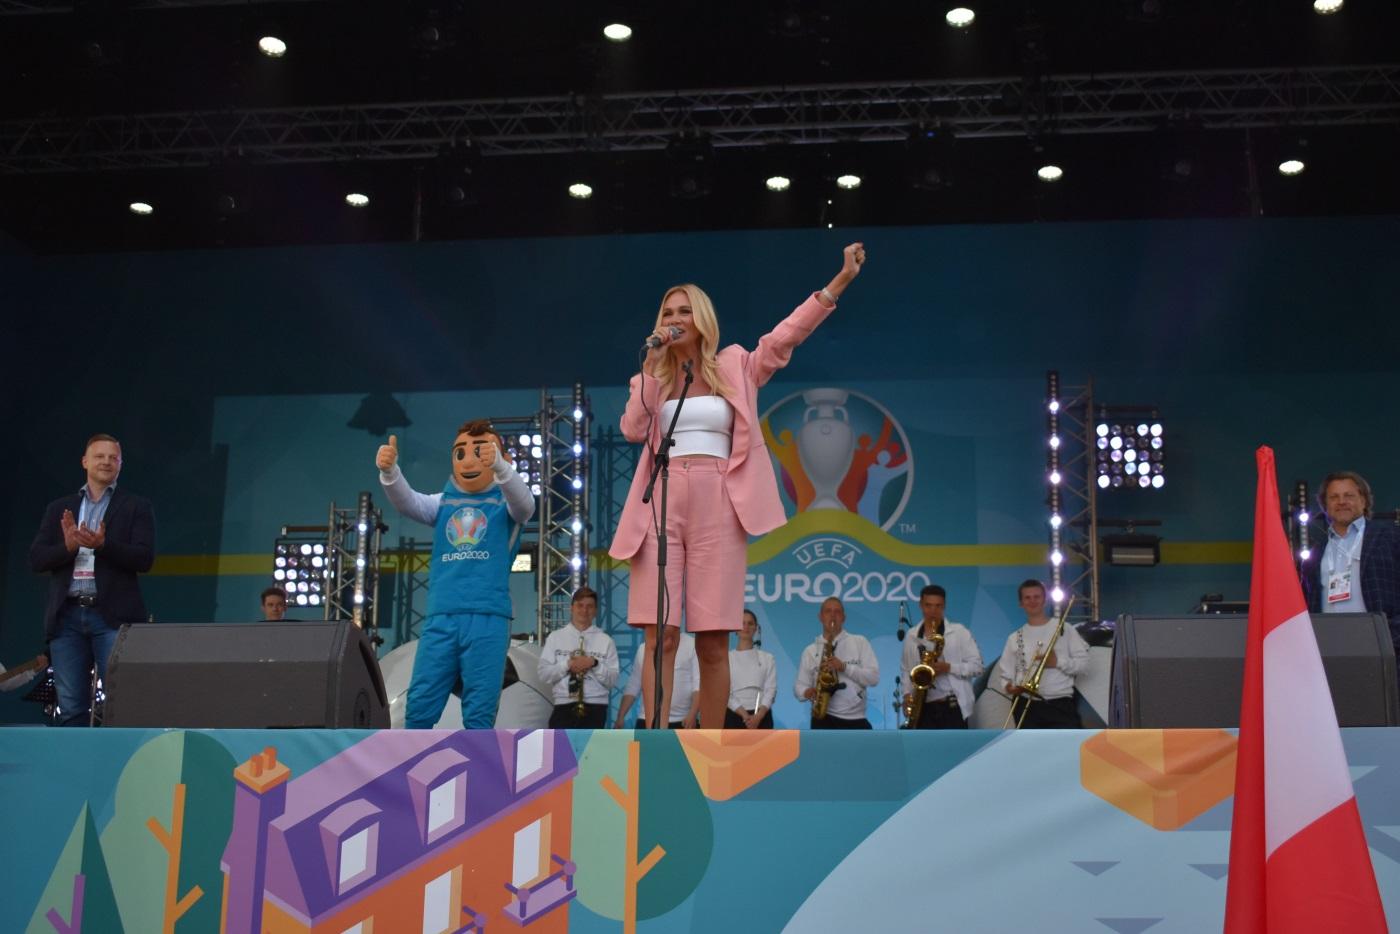 Почетные гости Евро-2020 в Санкт-Петербурге